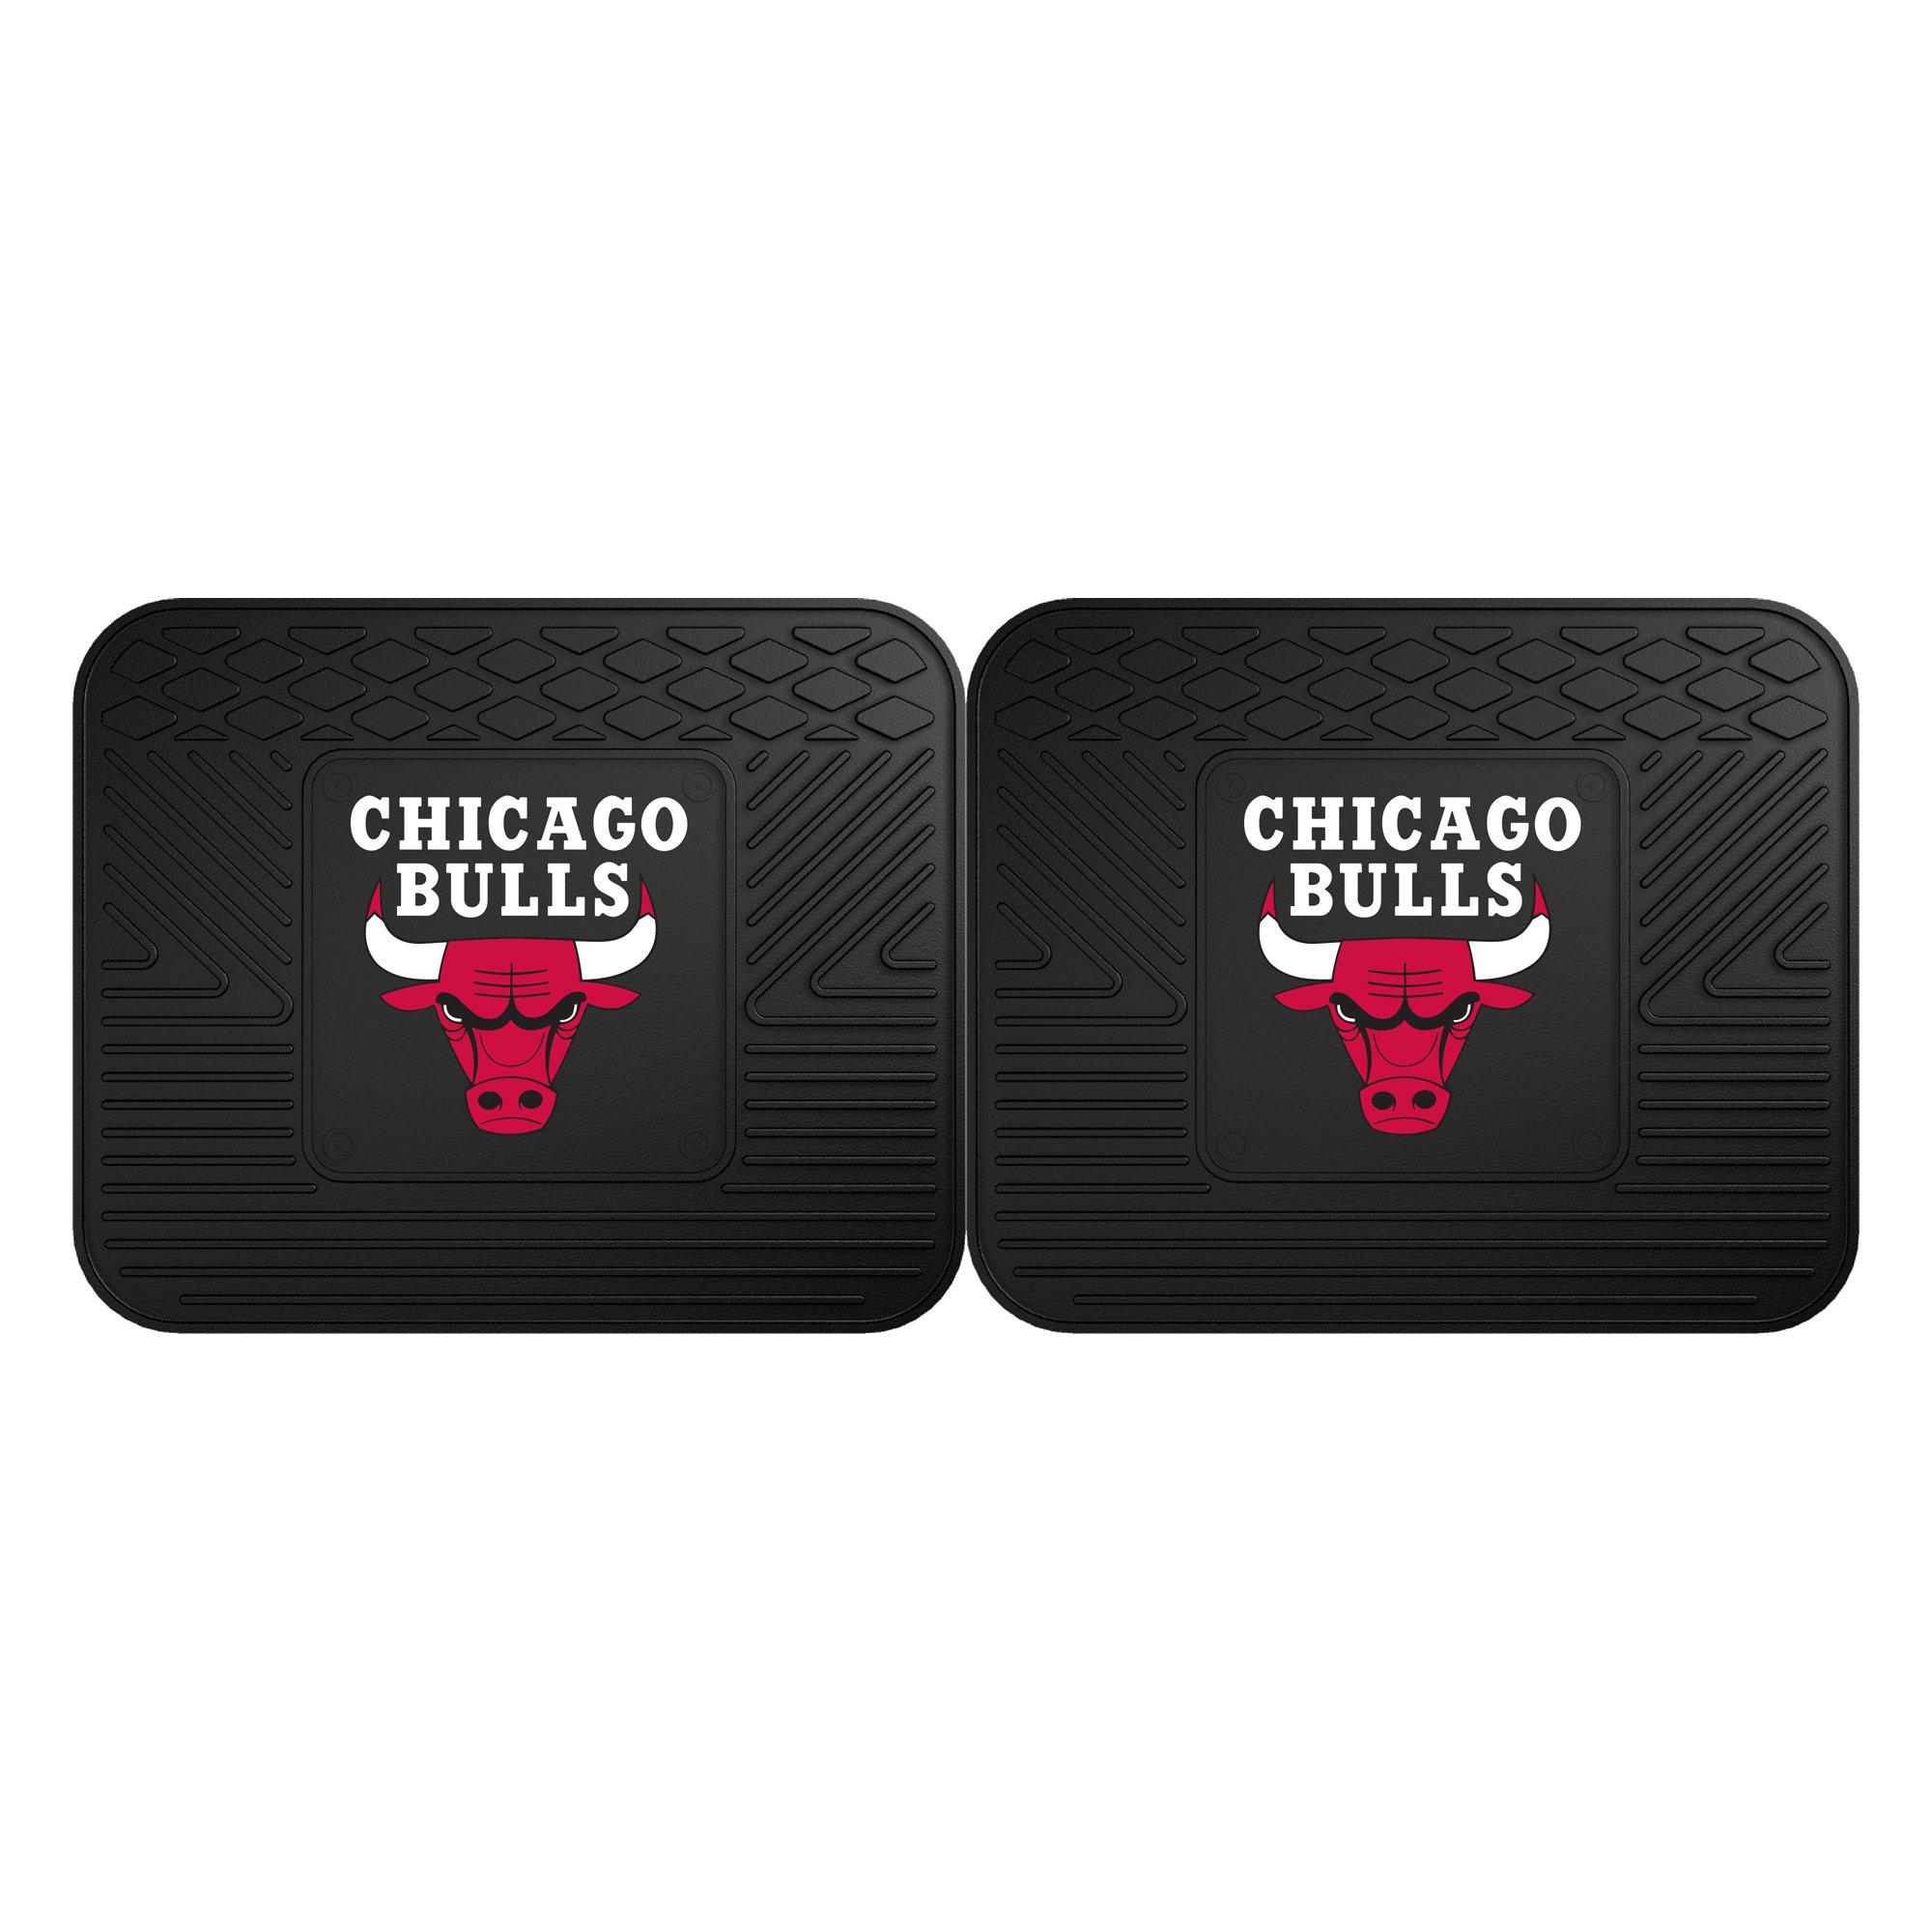 Fanmats 12366 NBA - Chicago Bulls Utility Mat - 2 Piece